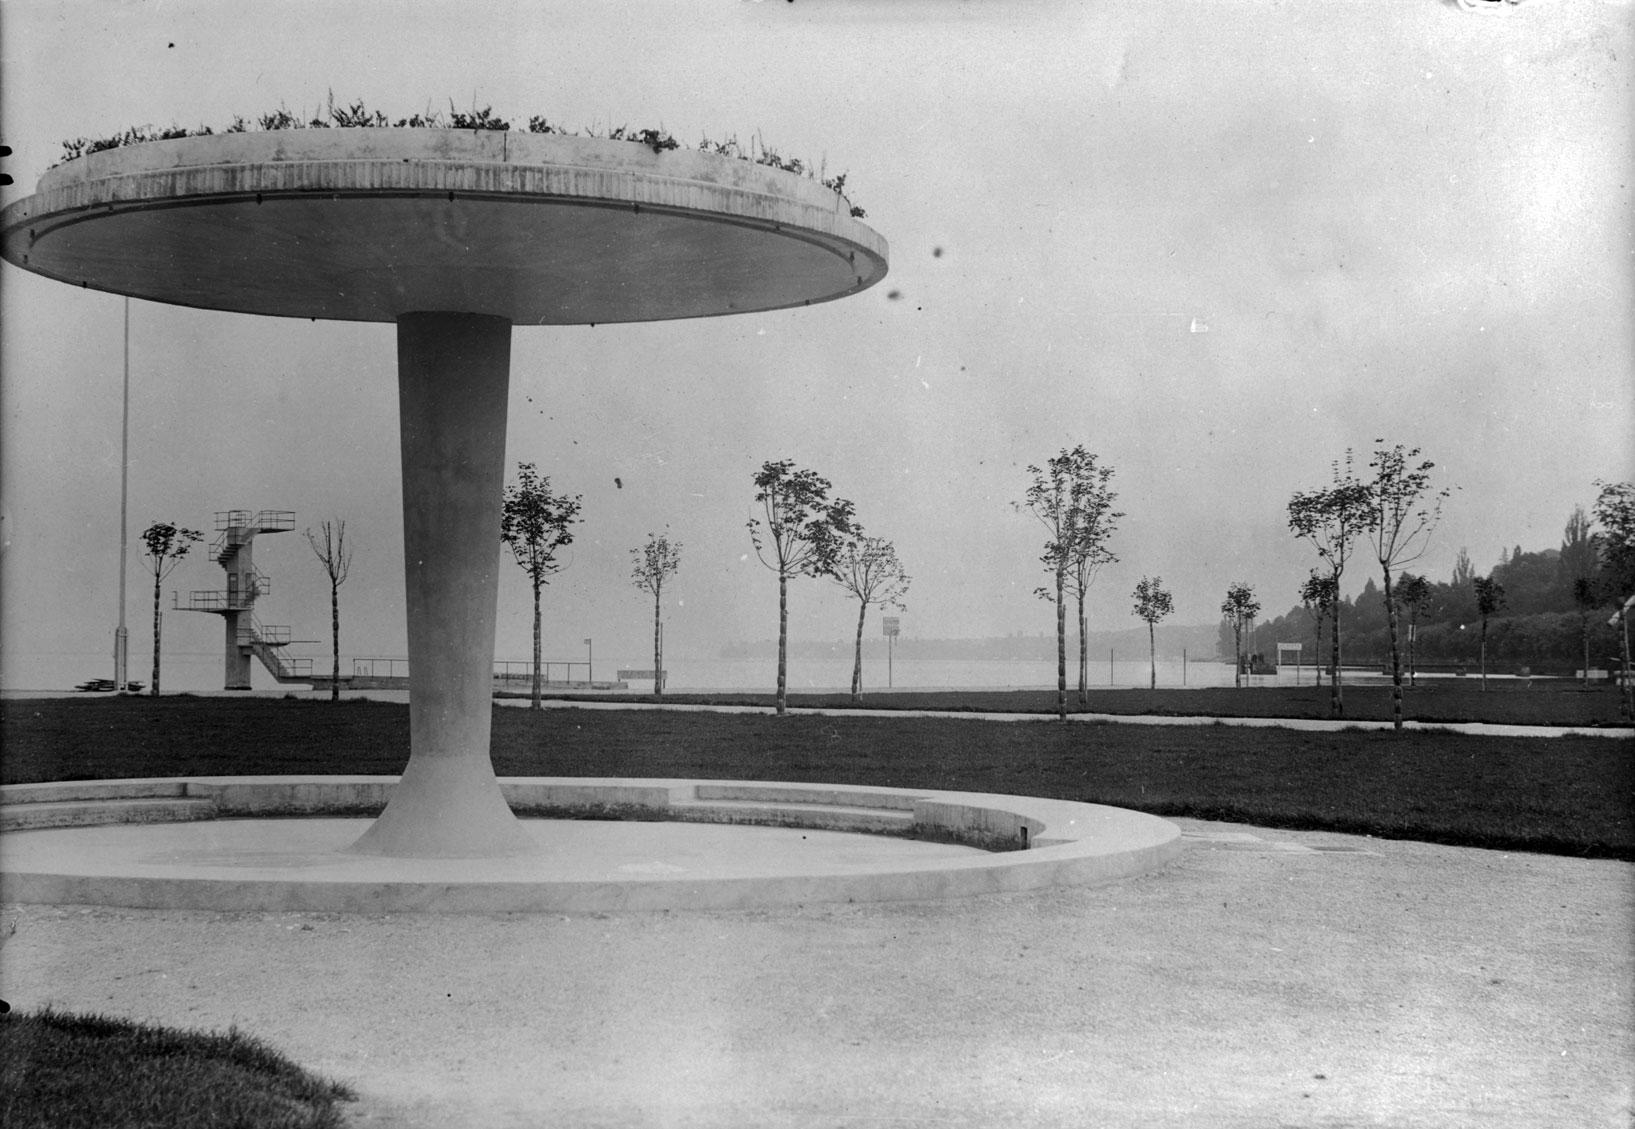 Genève-Plage 1932 ©Centre d'iconographie genevoise